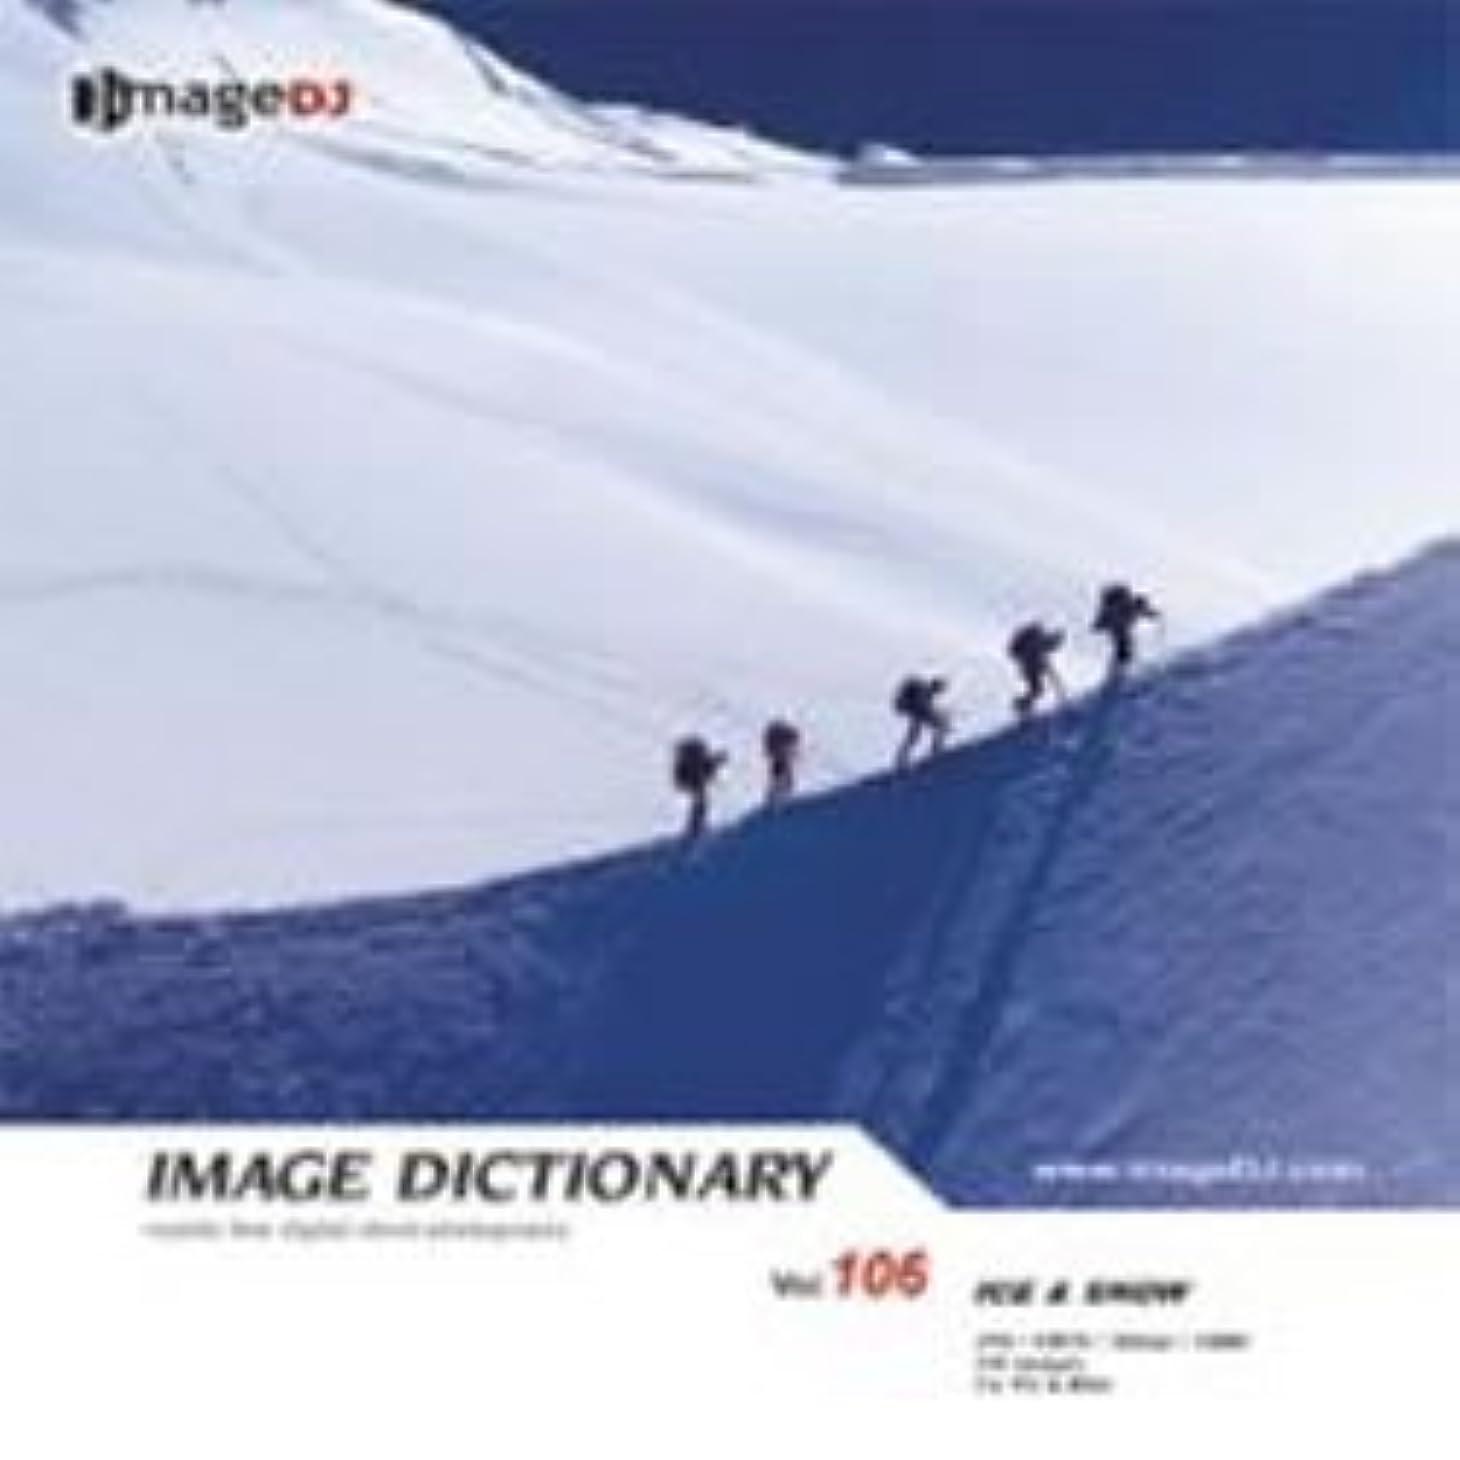 イメージ ディクショナリー Vol.106 氷と雪